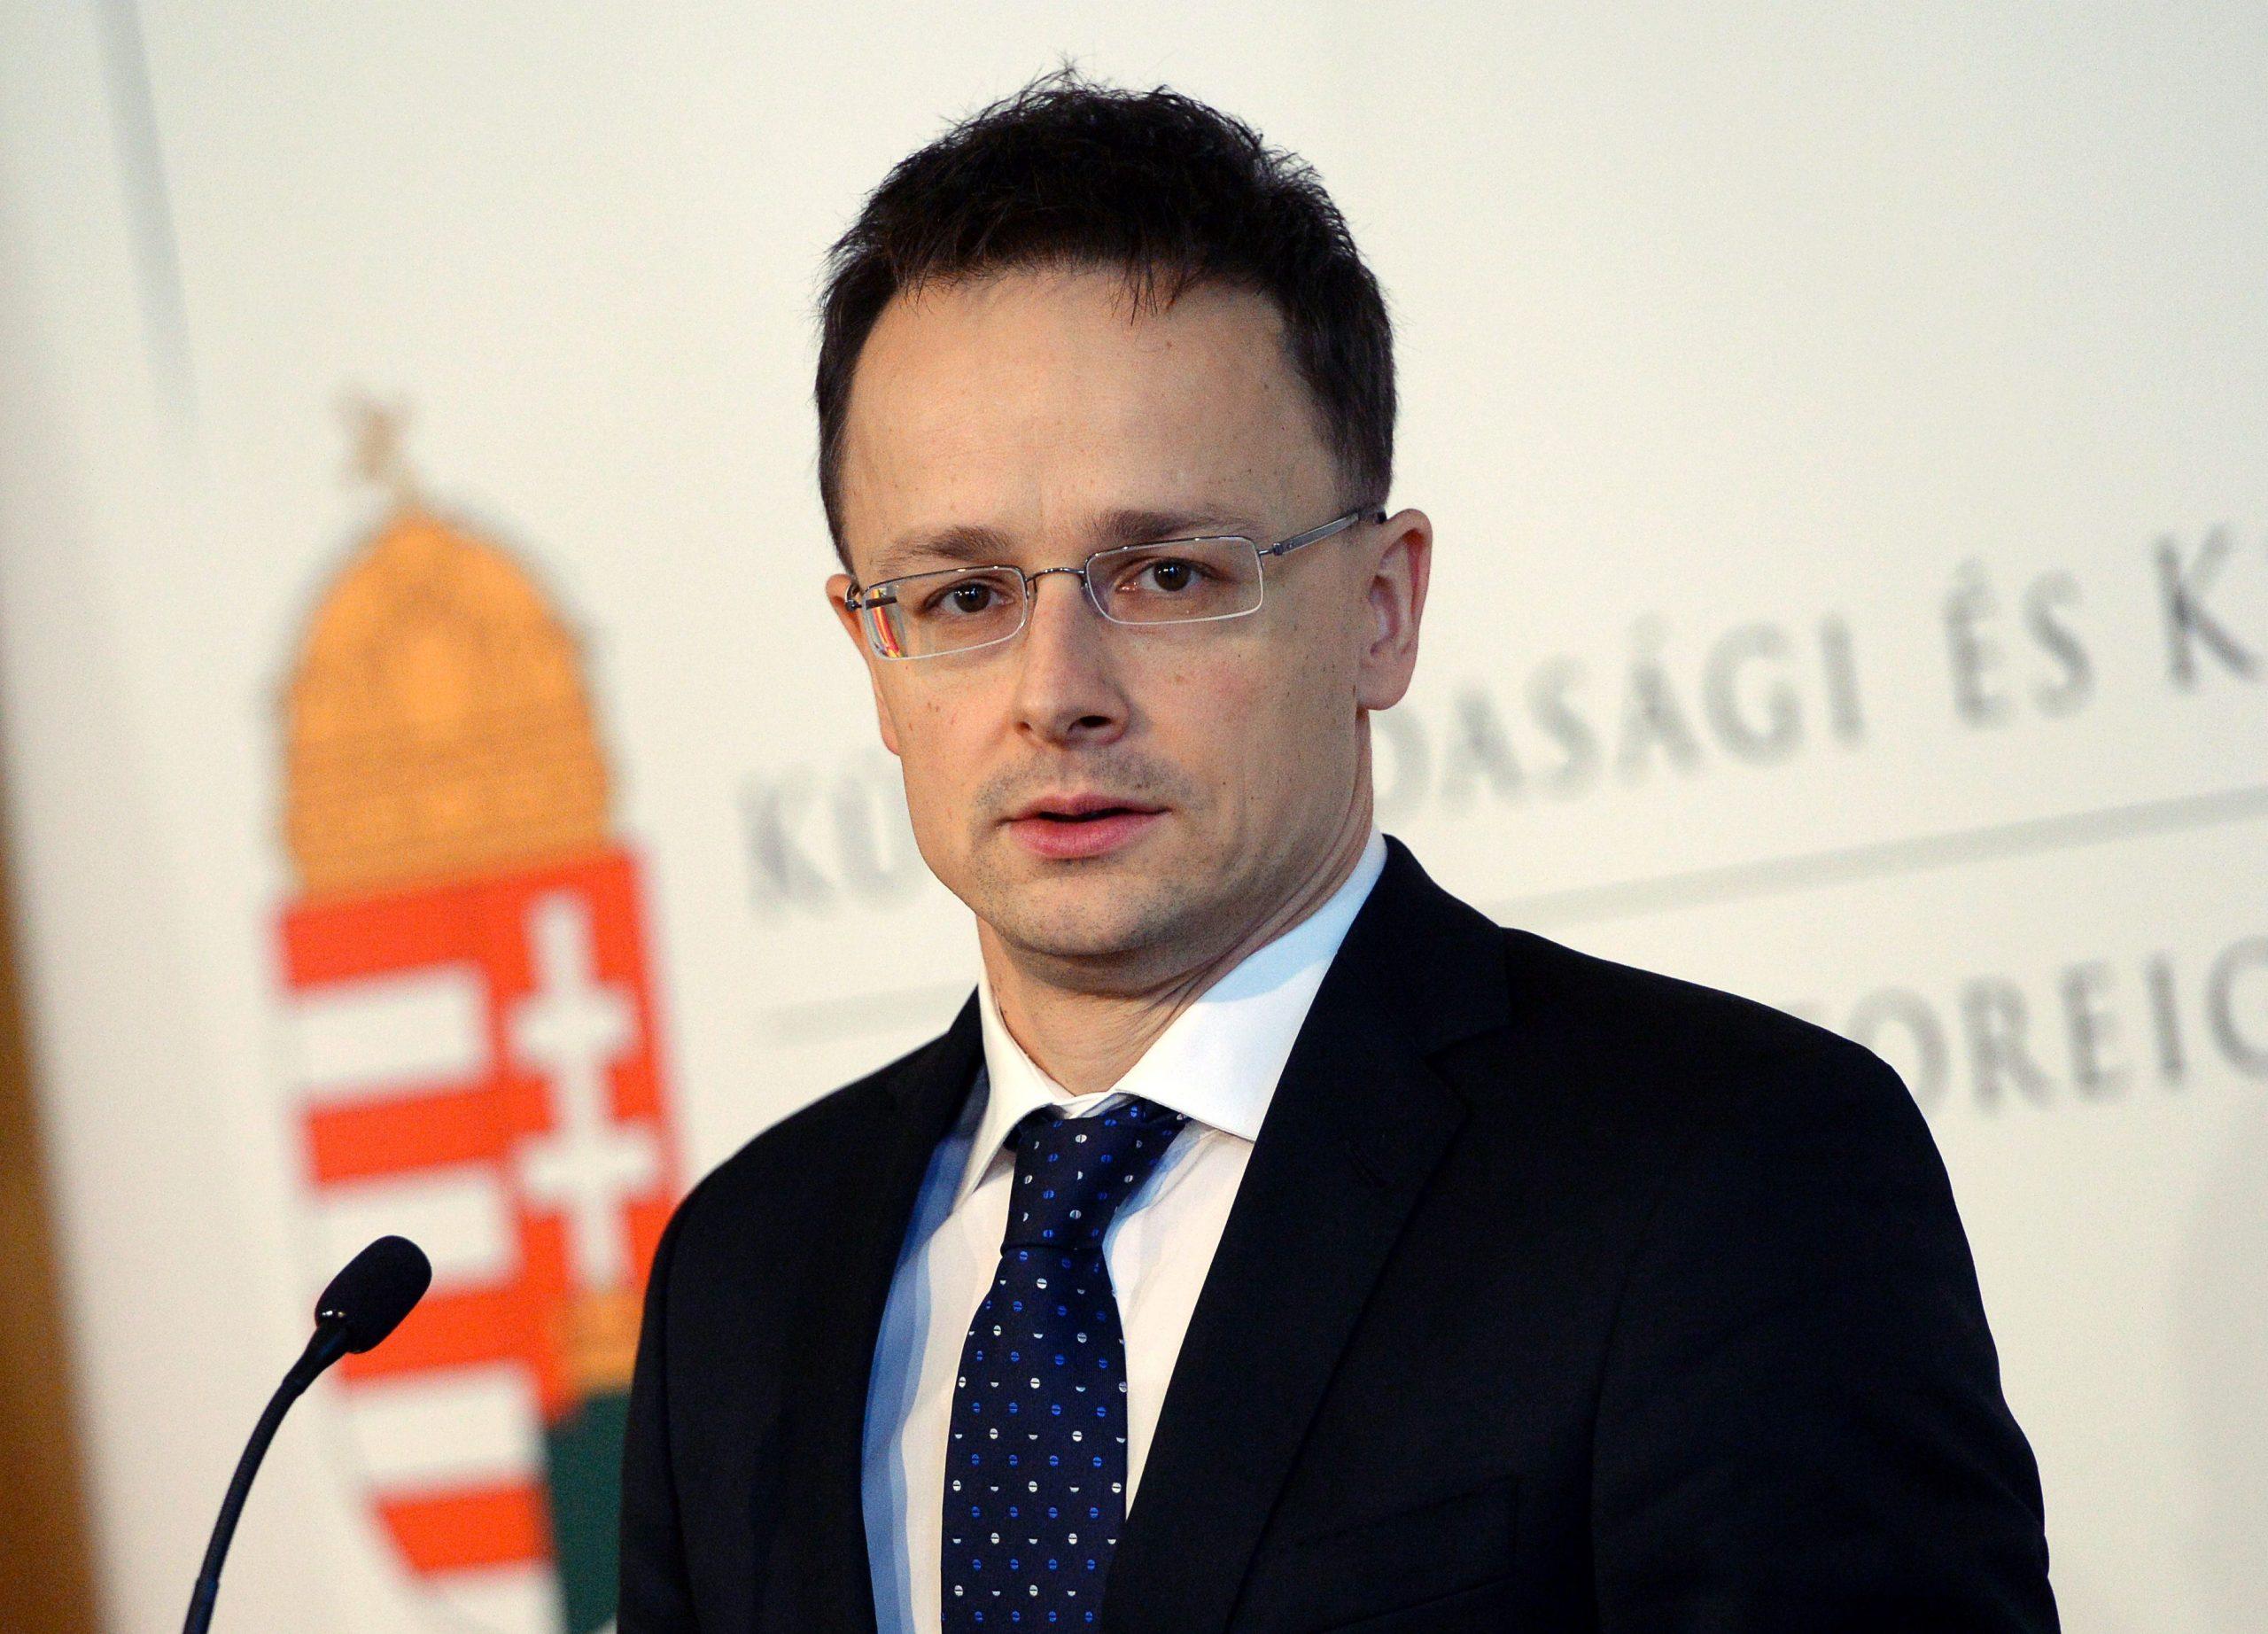 Ministrul de Externe al Ungariei: Comisia Europeană foloseşte fonduri europene pentru a ne şantaja – 60m.ro